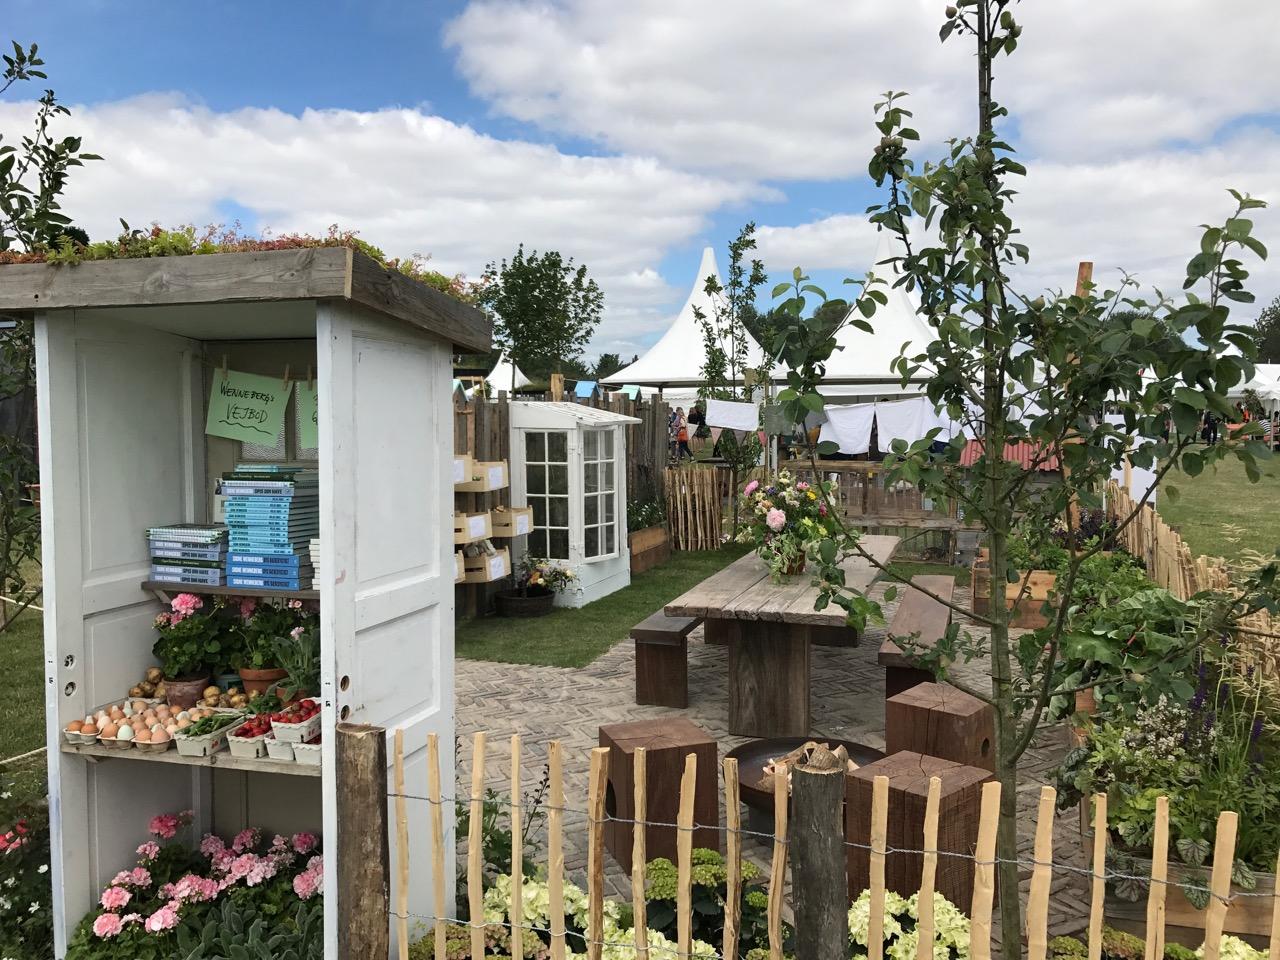 Signe Wennebergs have på haveudstillingen CPHgarden 2017. Tema bæredygtighed. Med deleøkonomi og cirkulær økonomi og genbrug.